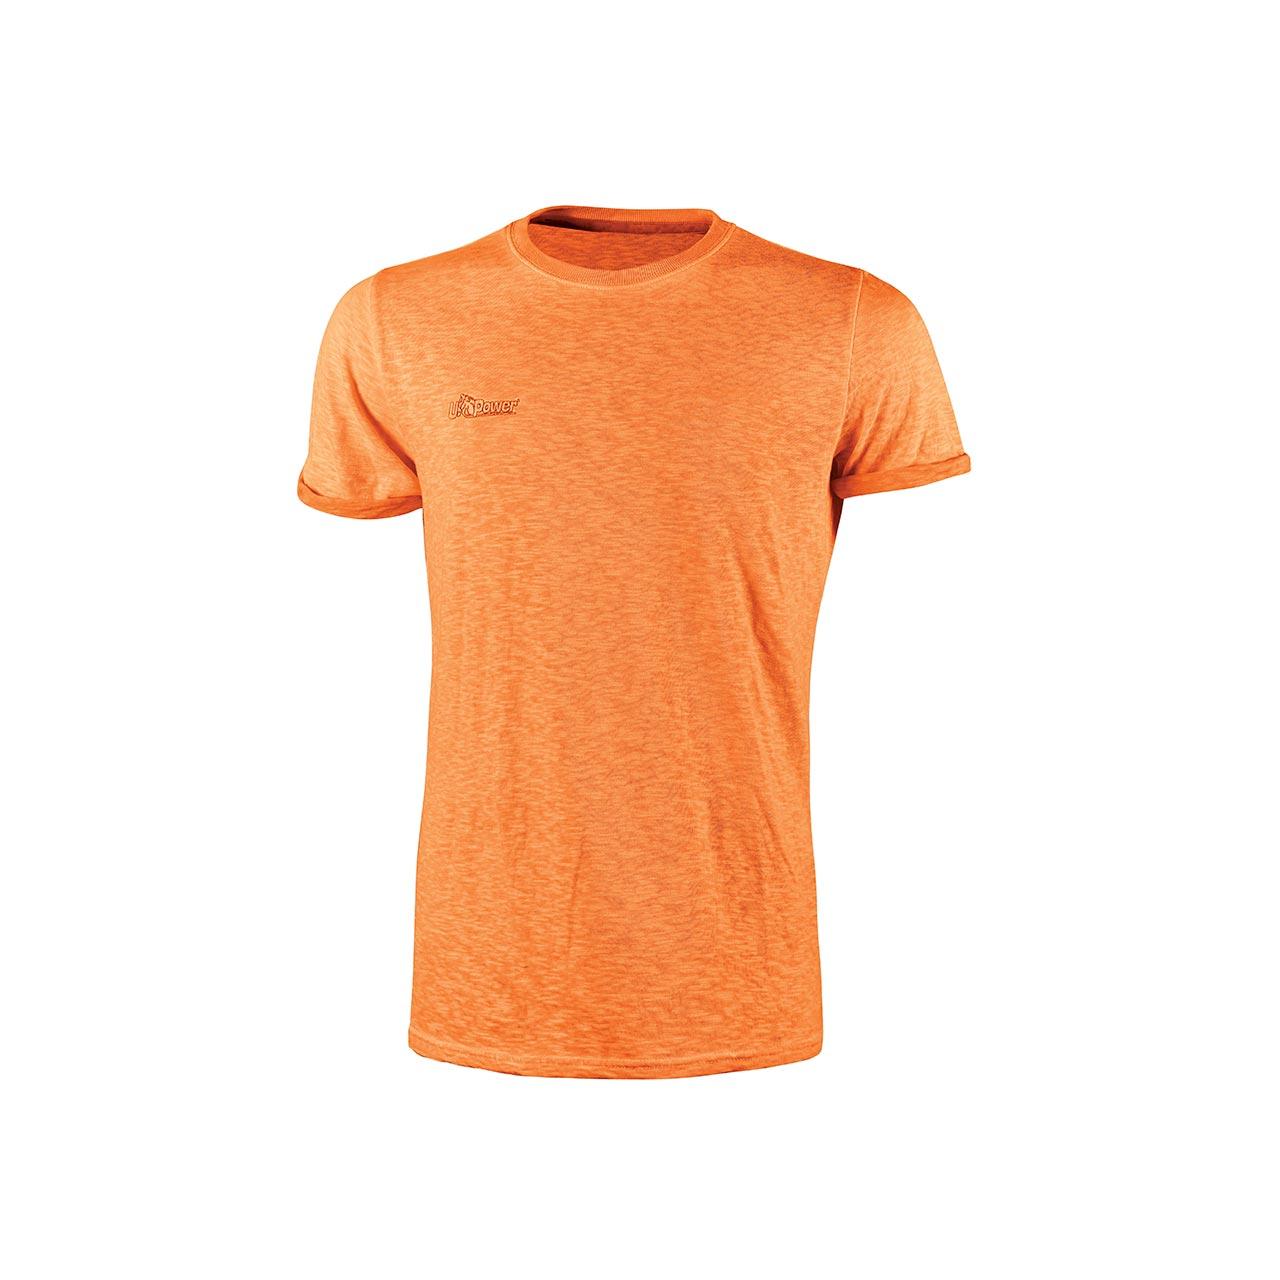 Tshirt da lavoro upower modello fluo colore orange fluo